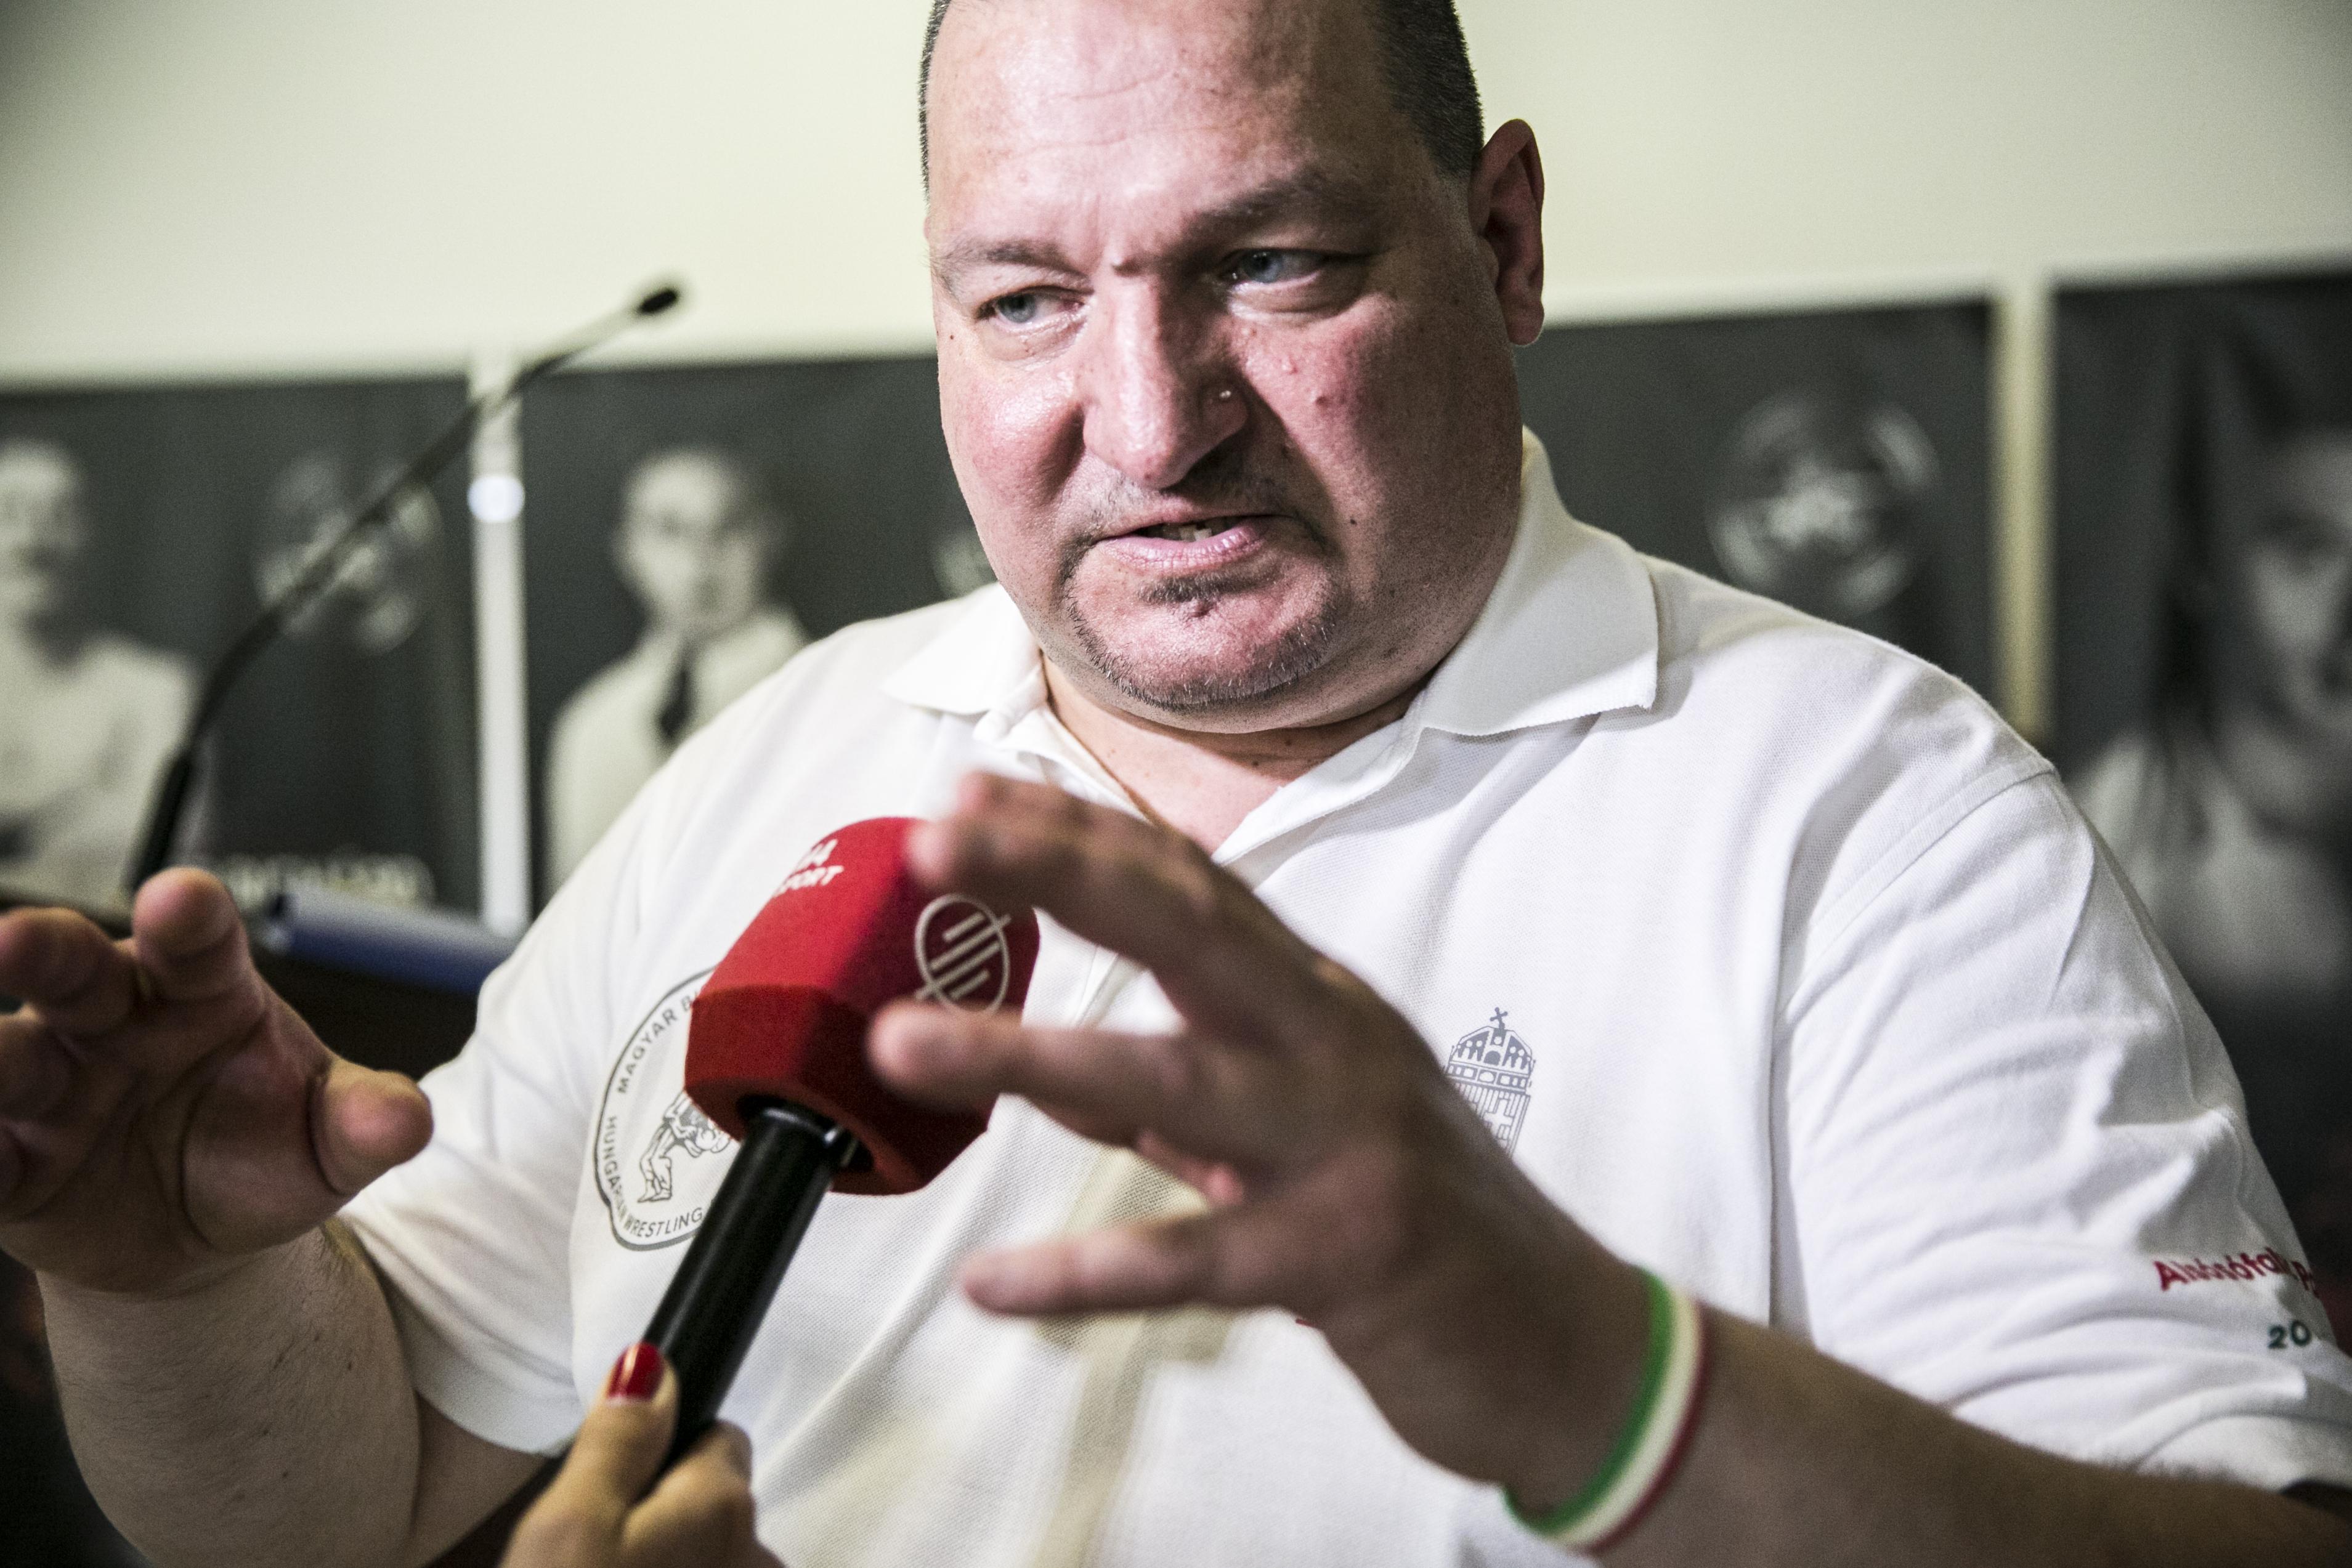 Németh Szilárd szerint a Soros által fizetett szervezetek a magyar alkotmányos rendet támadják